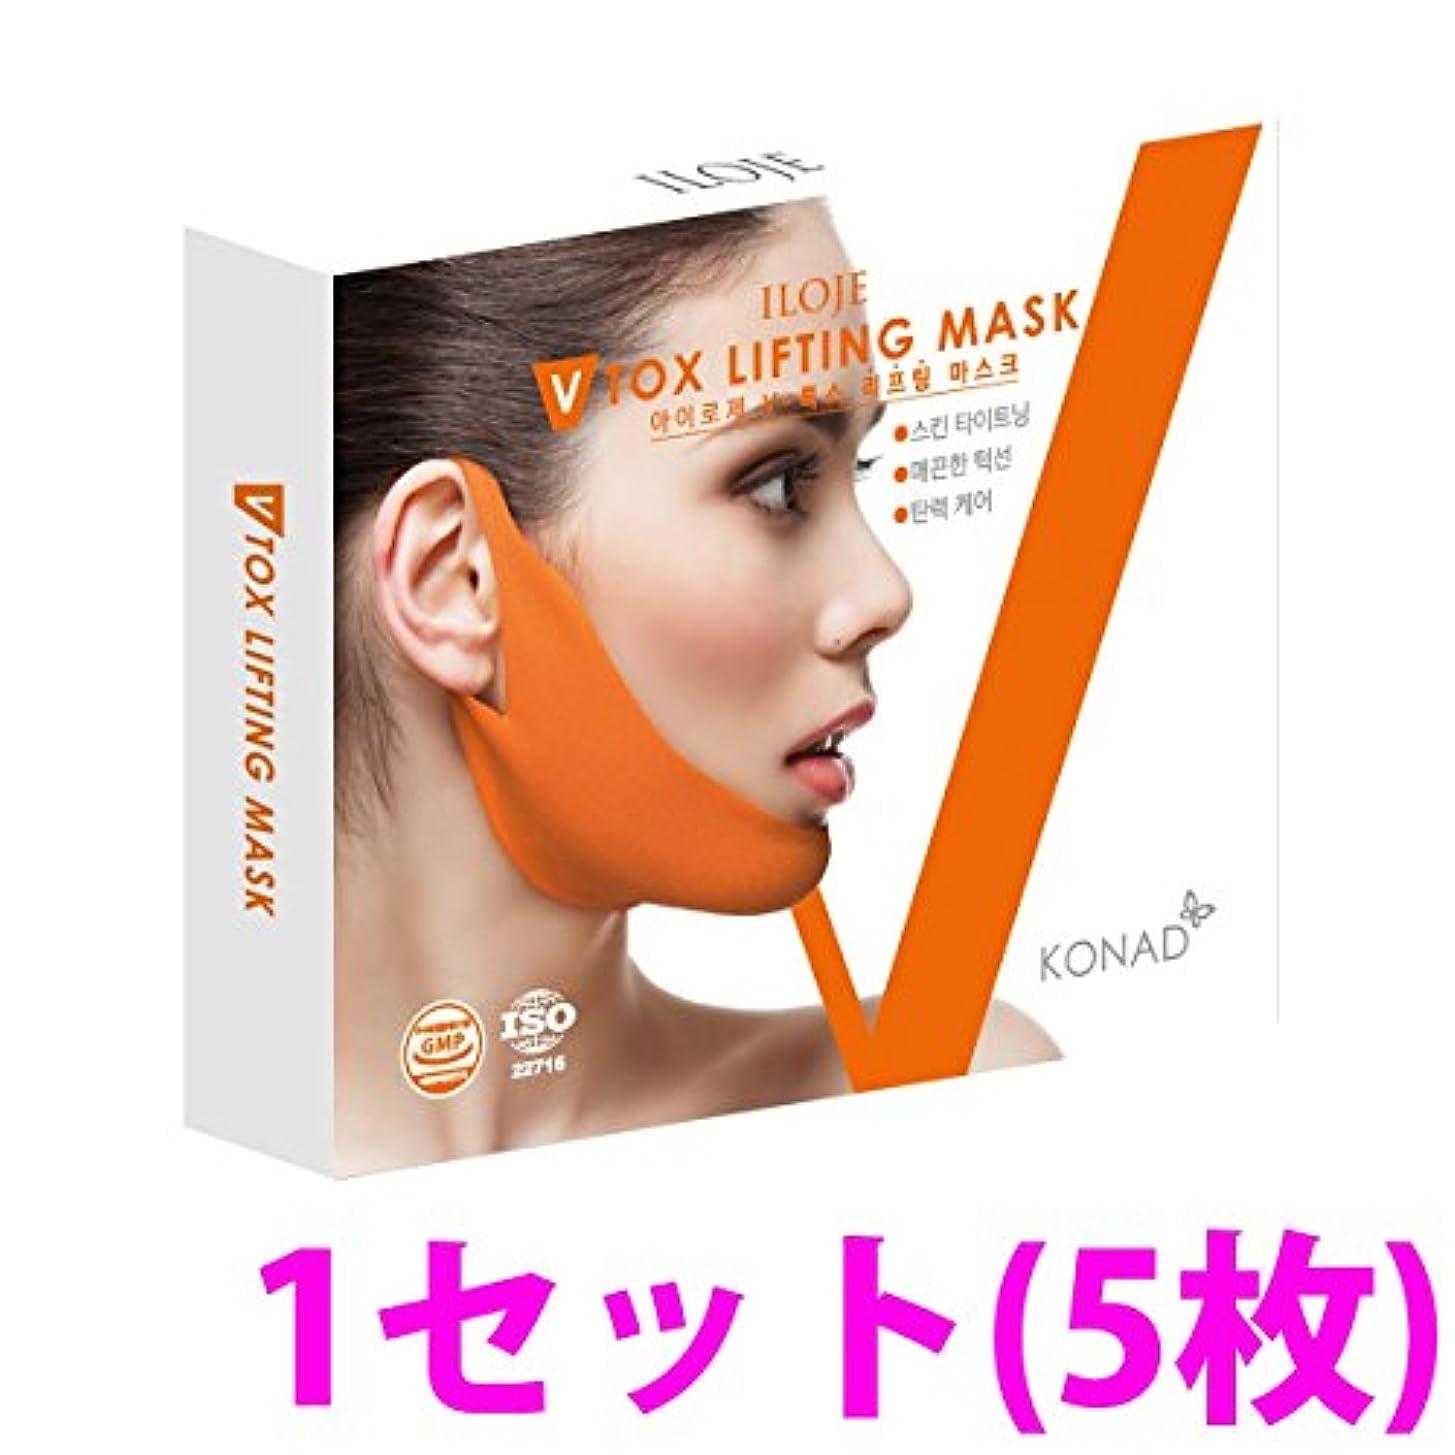 ブランデー他にモンスター女性の年齢は顎の輪郭で決まる!V-TOXリフティングマスクパック 1セット(5枚)